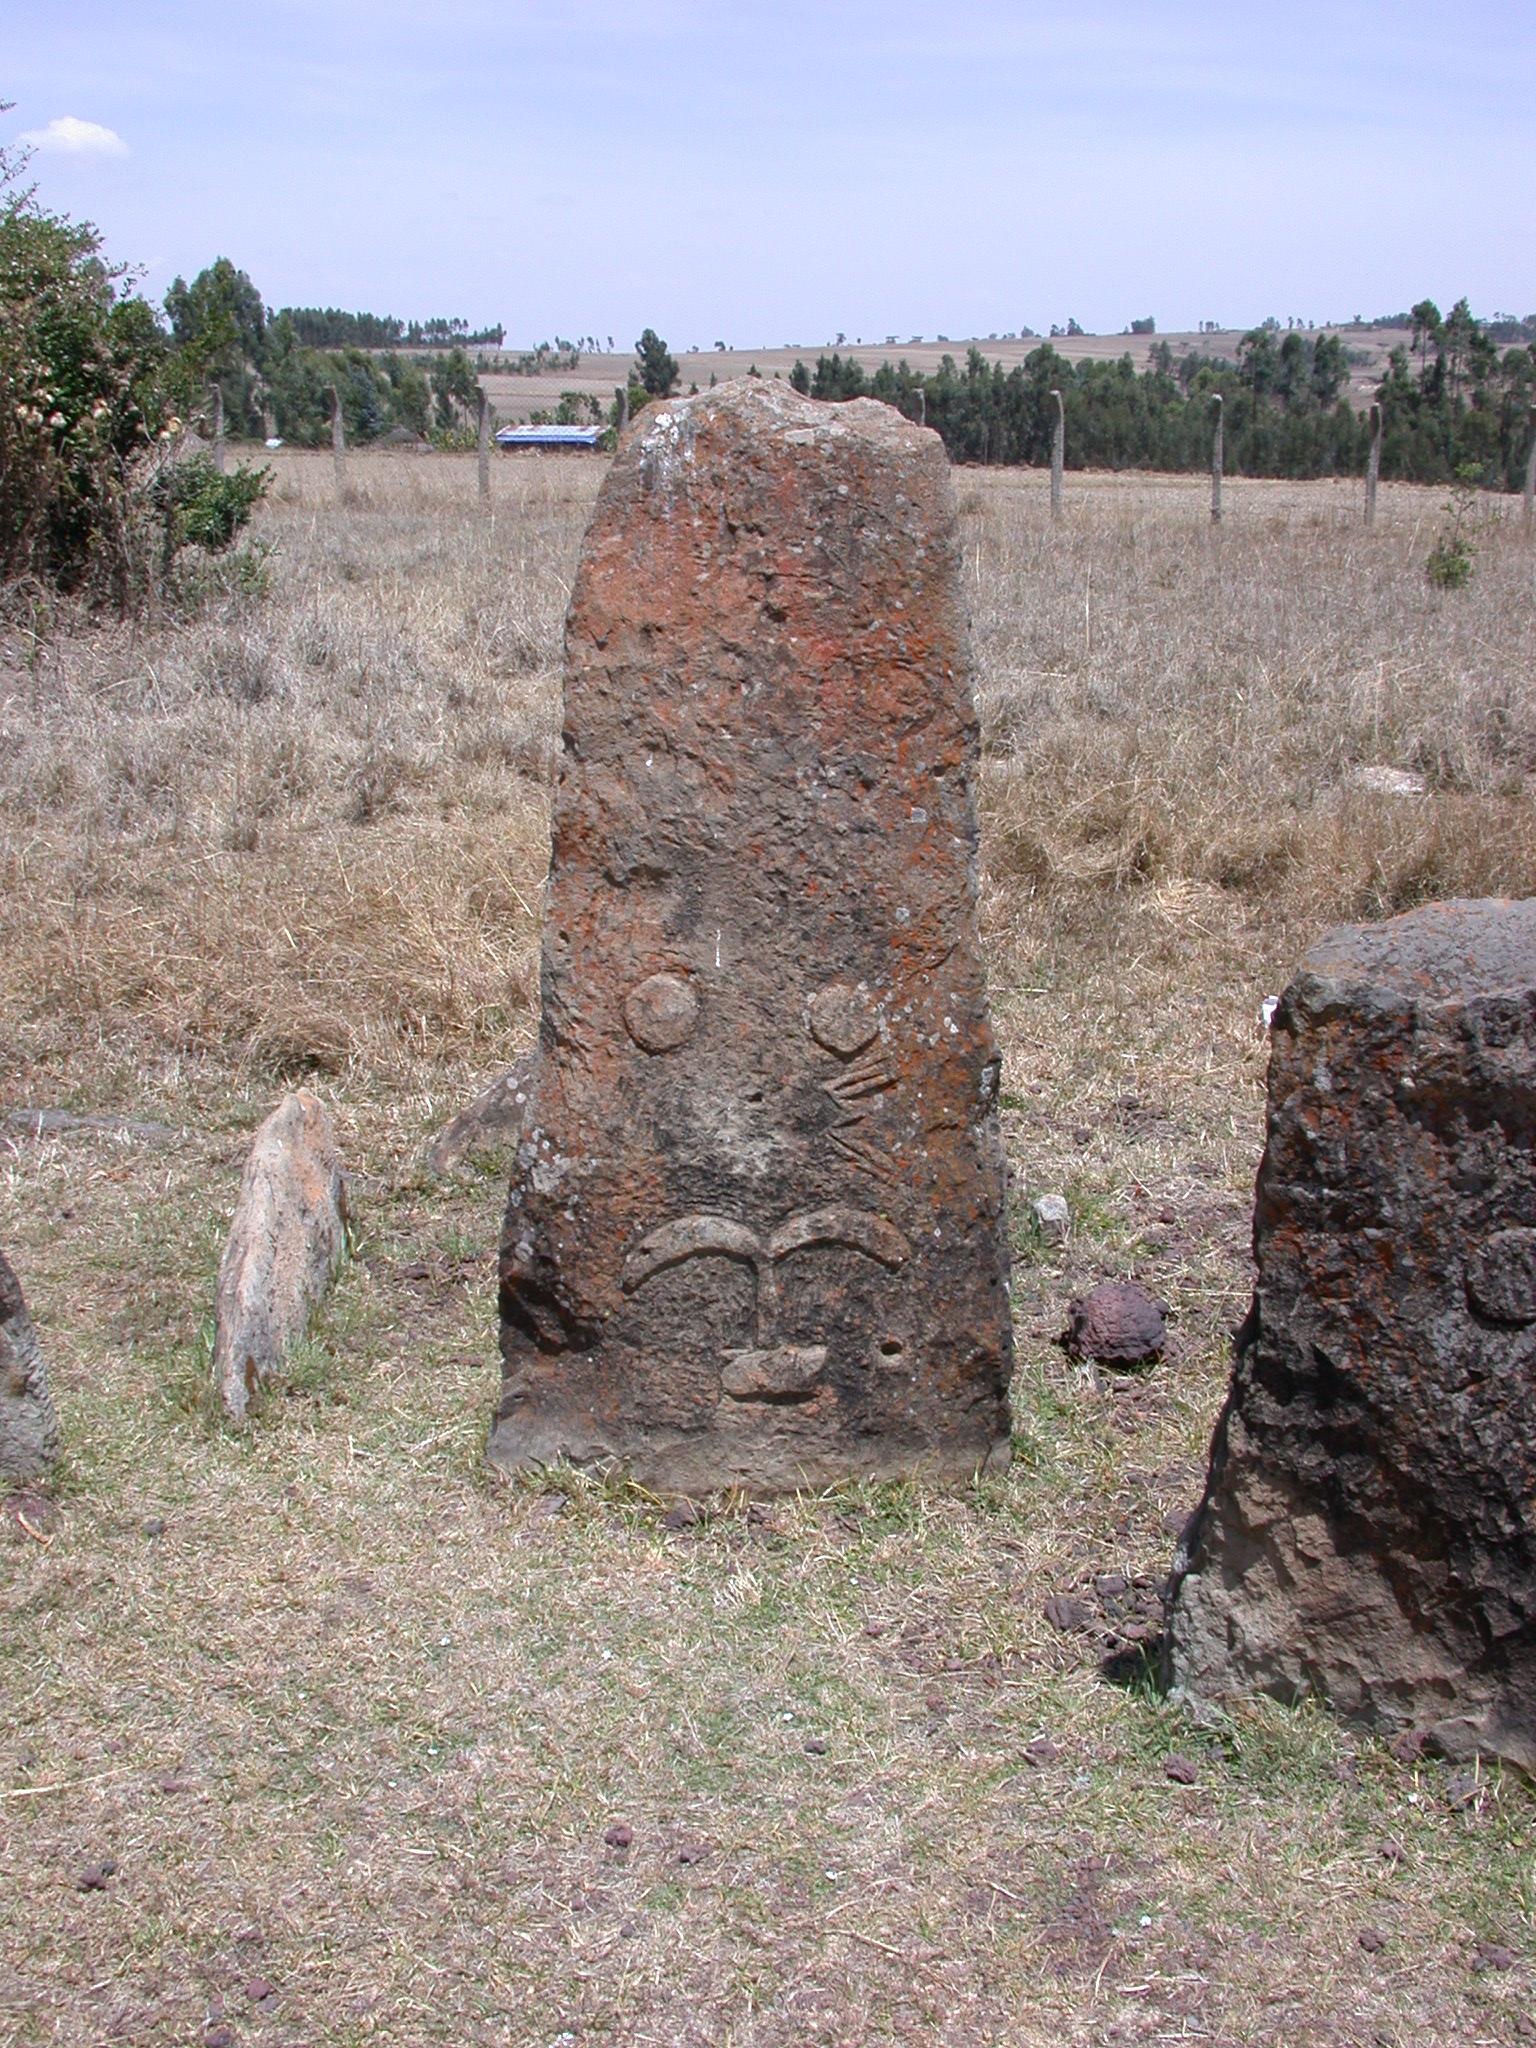 Stela, Tiya, South of Addis Ababa, Ethiopia